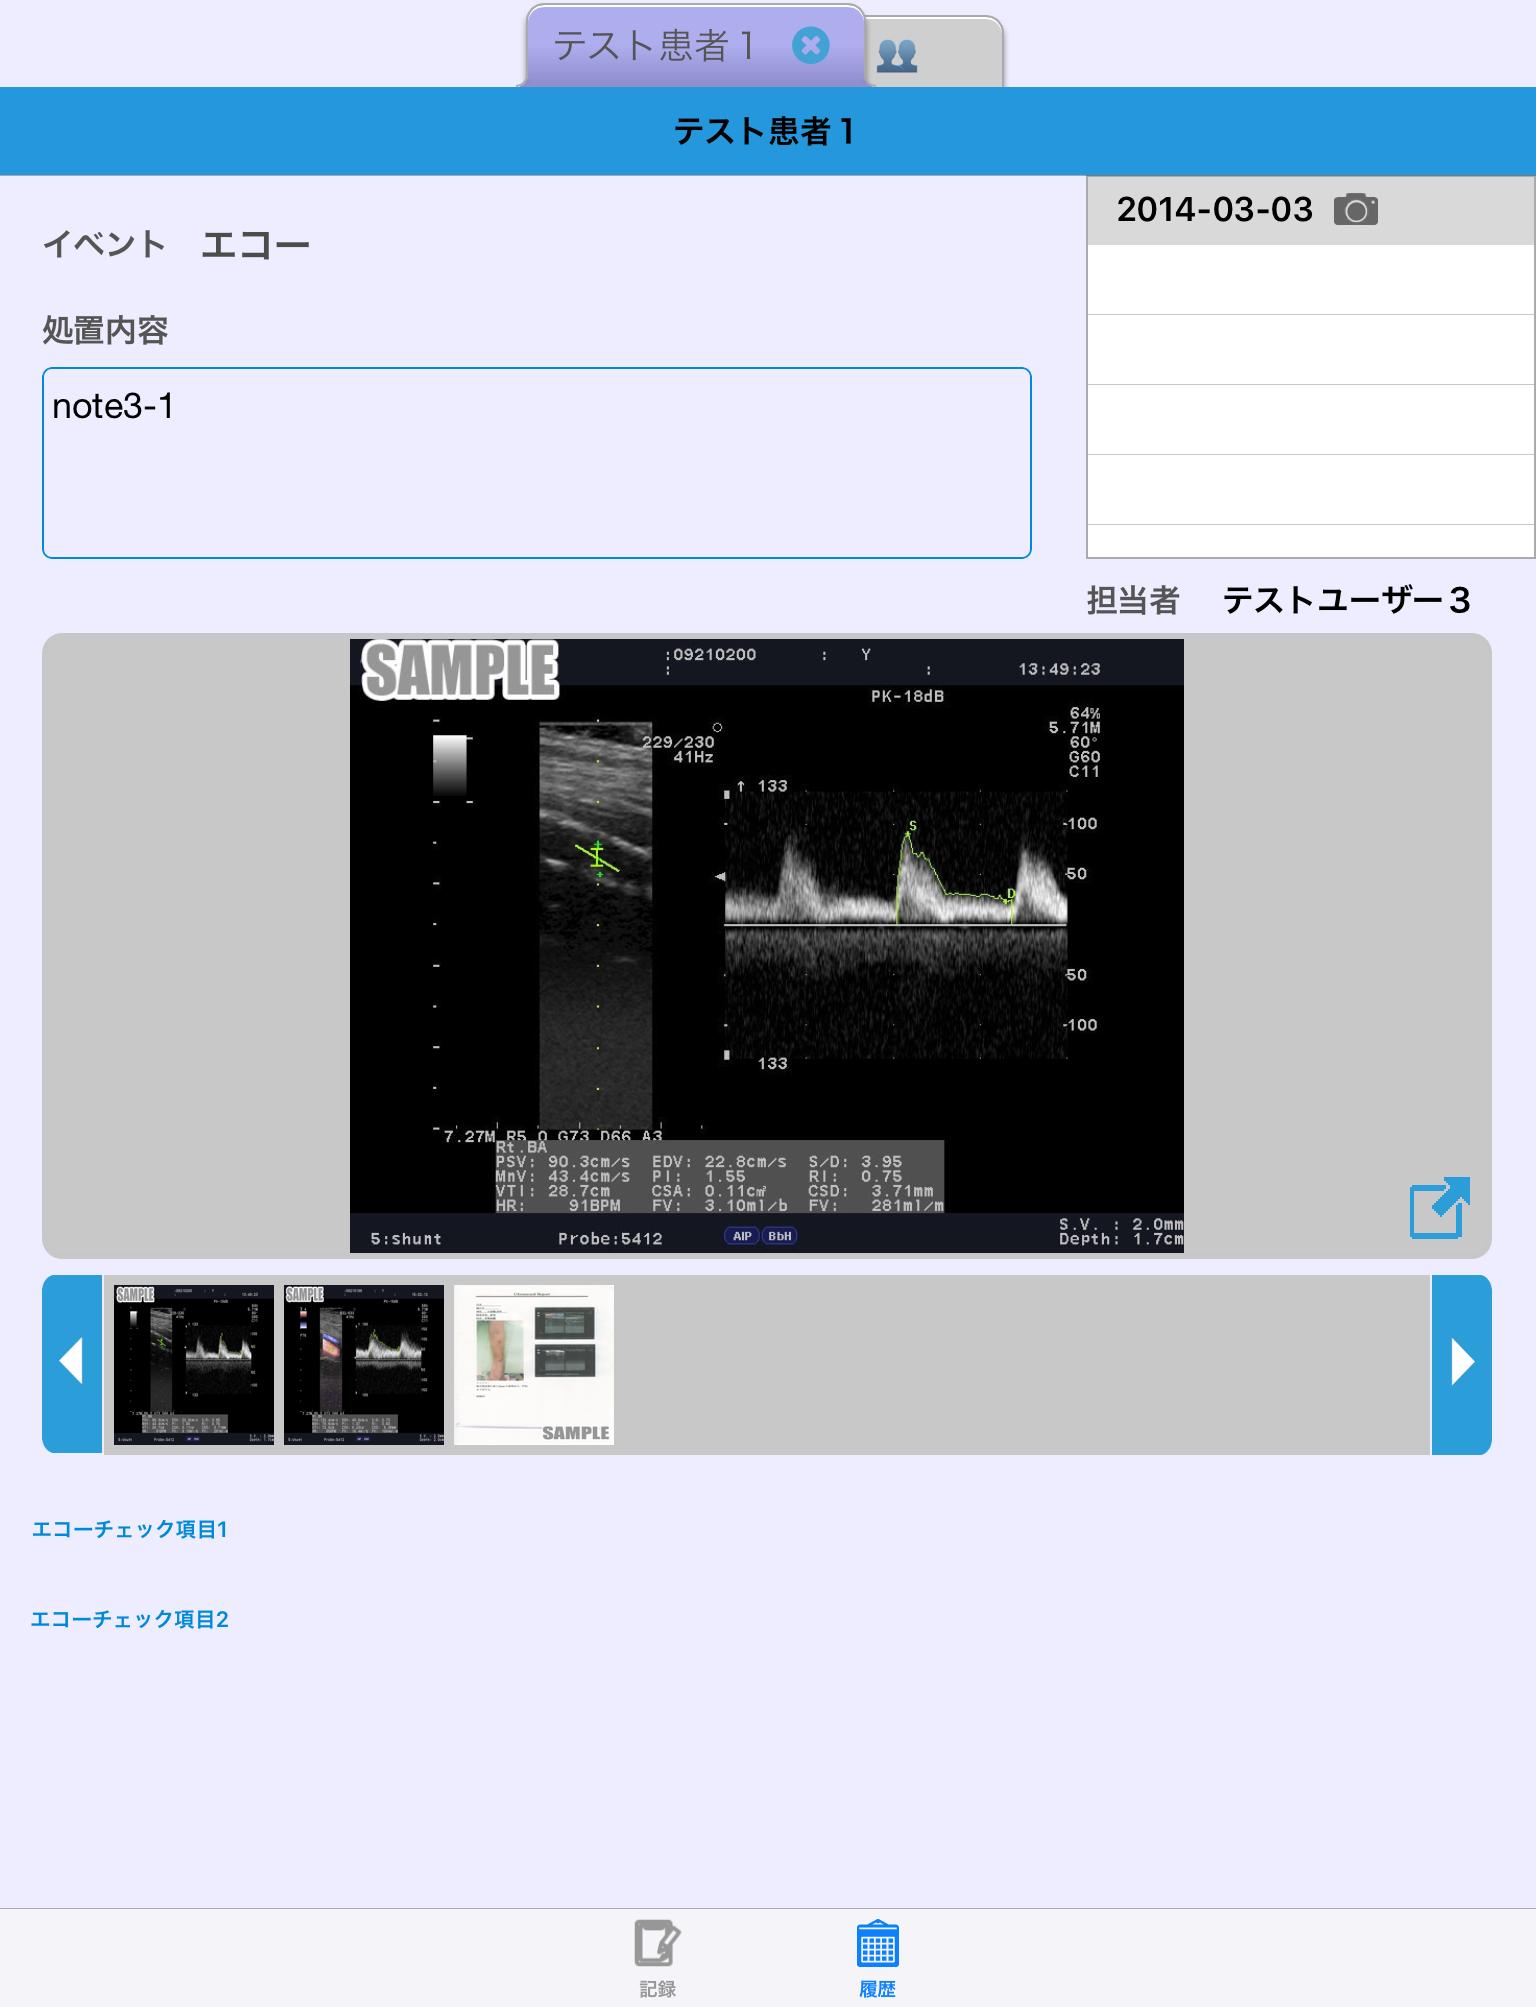 イベント記録画面